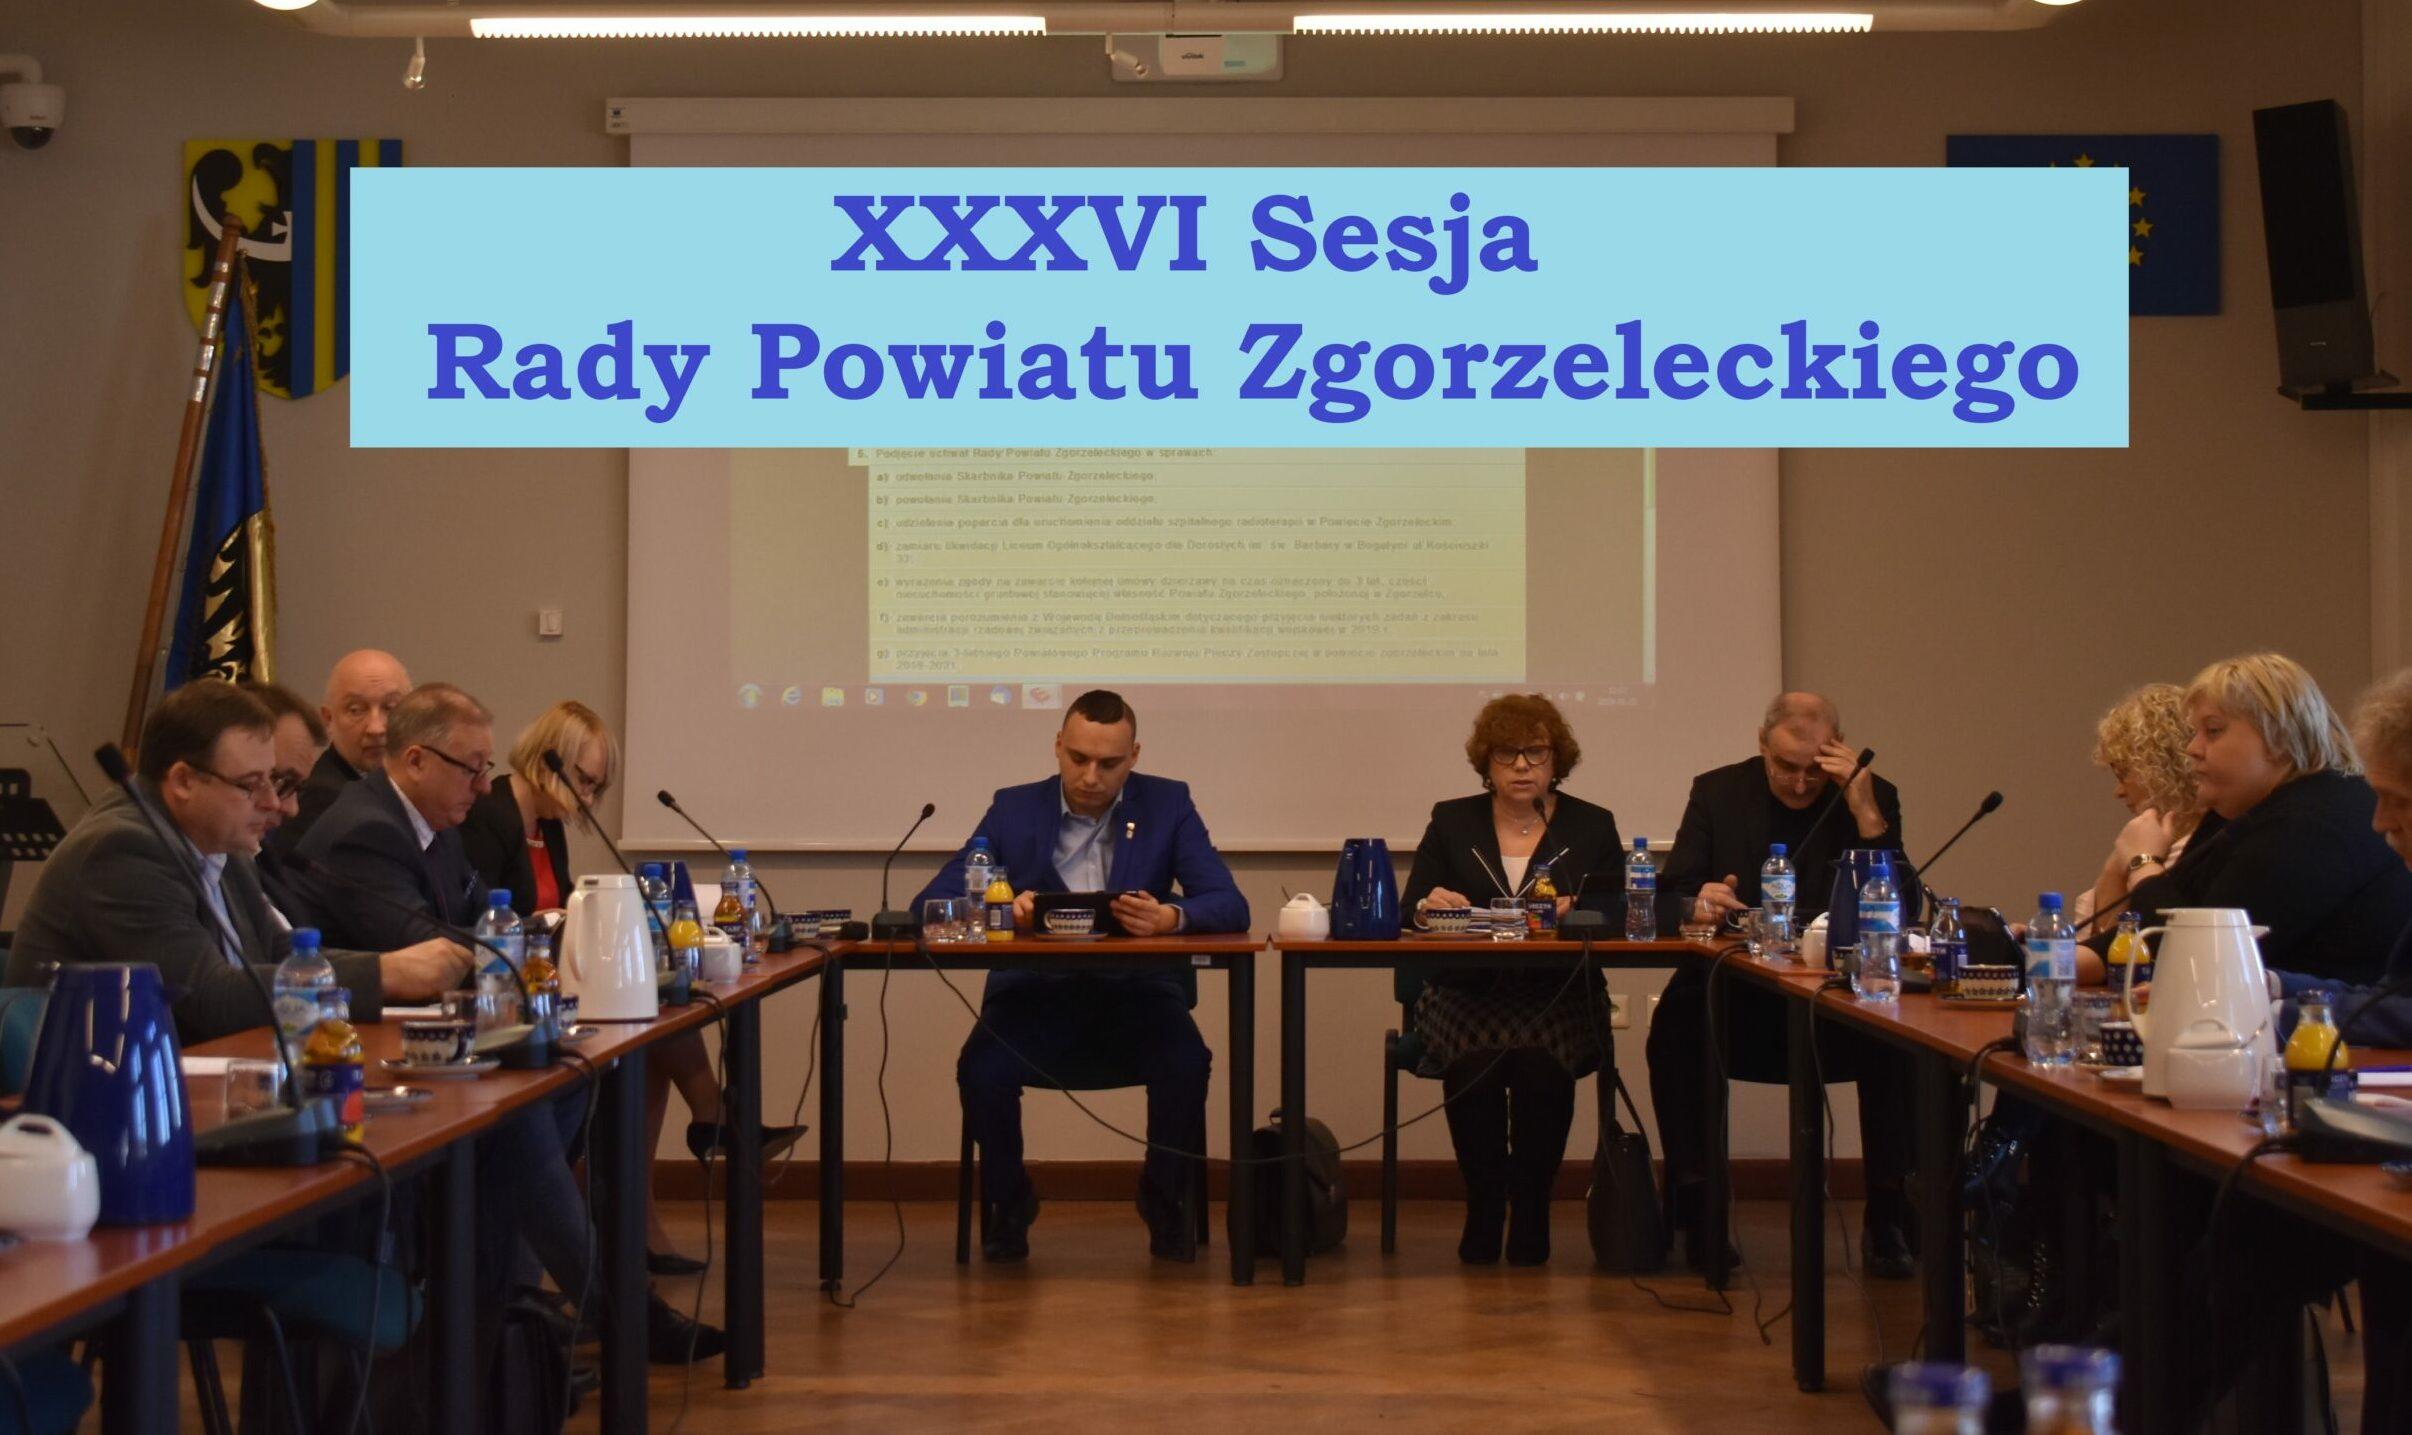 XXXVI sesja Rady Powiatu Zgorzeleckiego